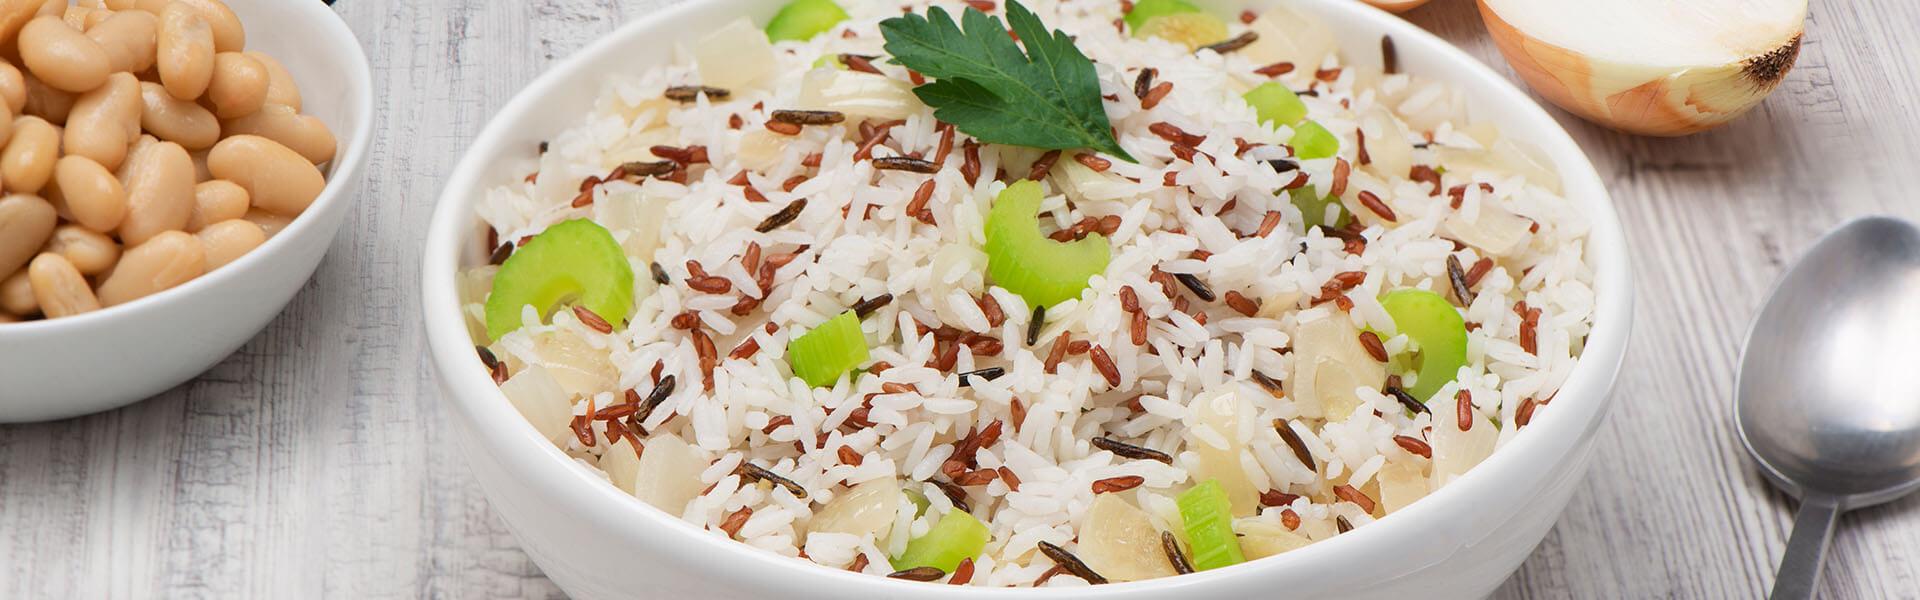 Pilaf Rice Mix